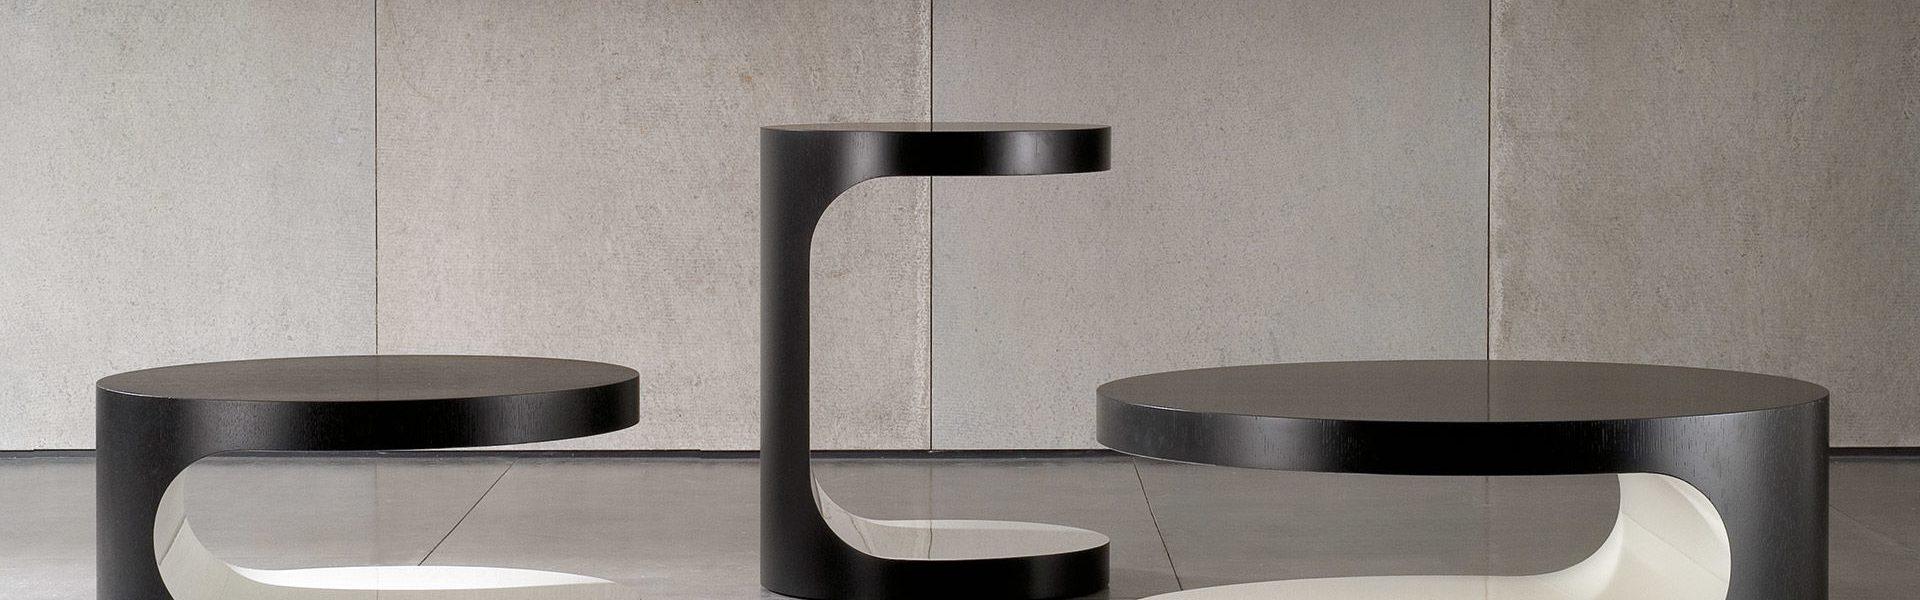 Cernobbio Coffee Table